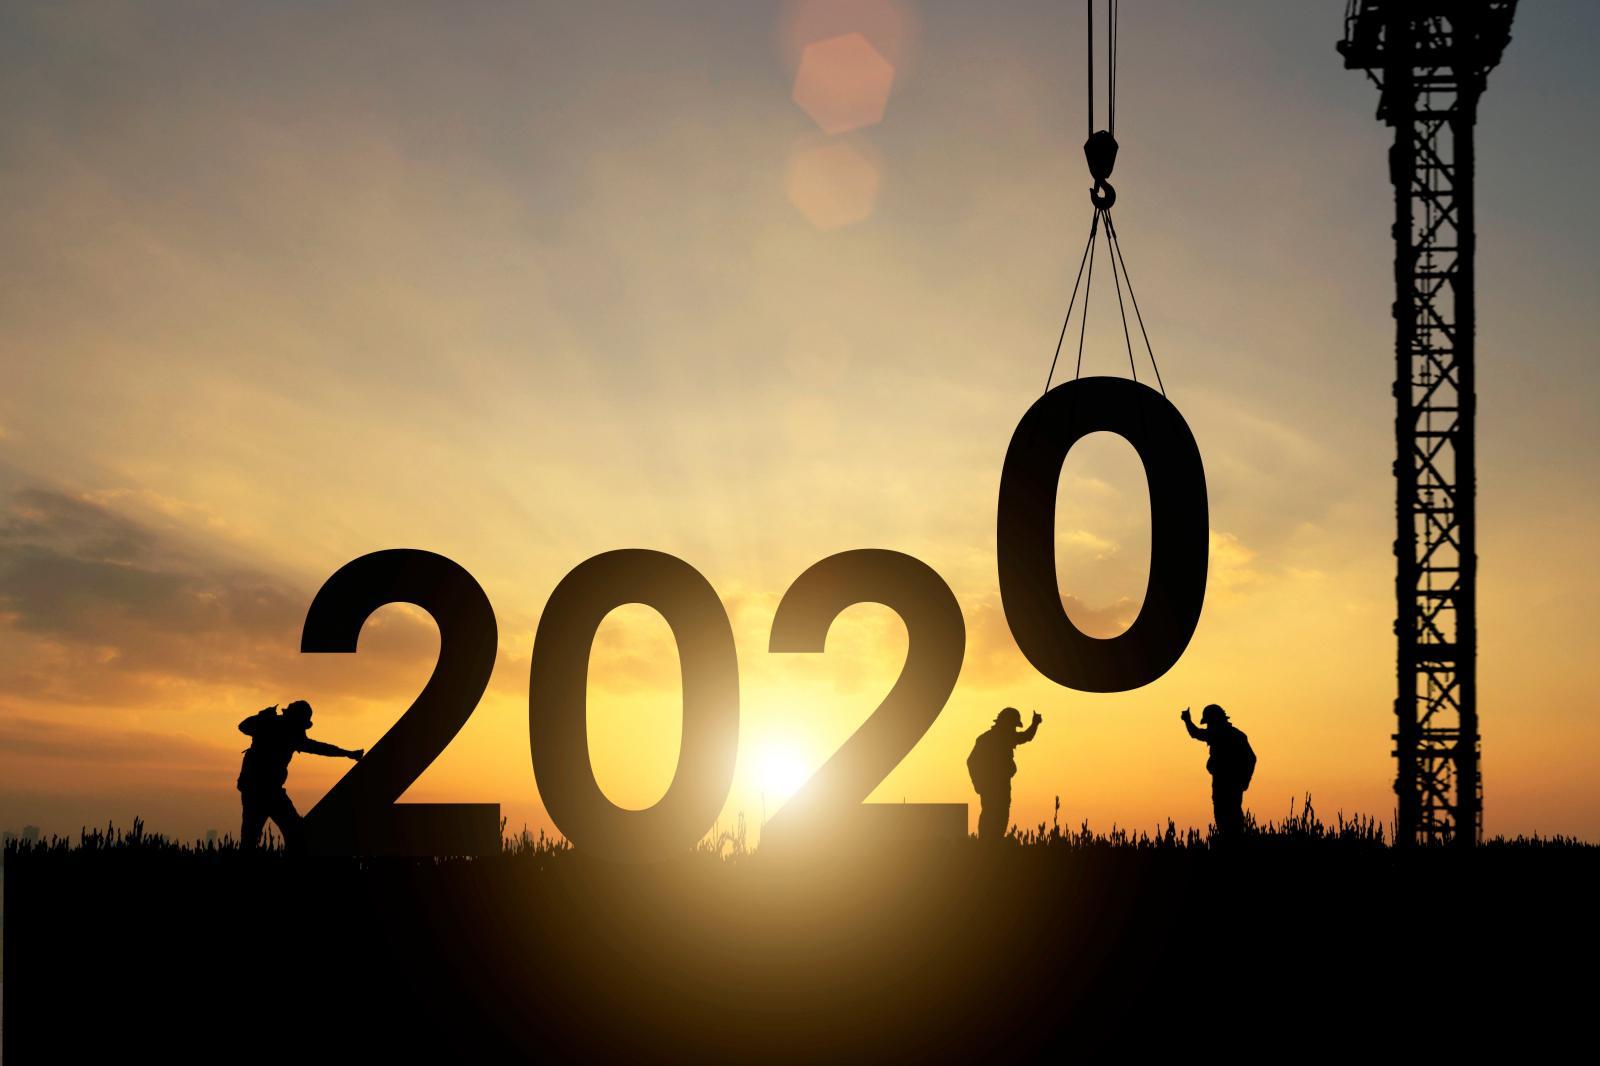 Ảnh ngược sáng, nền tối nổi bật số 2020, cần cẩu và bóng một số người đang xây dựng mafud đen.